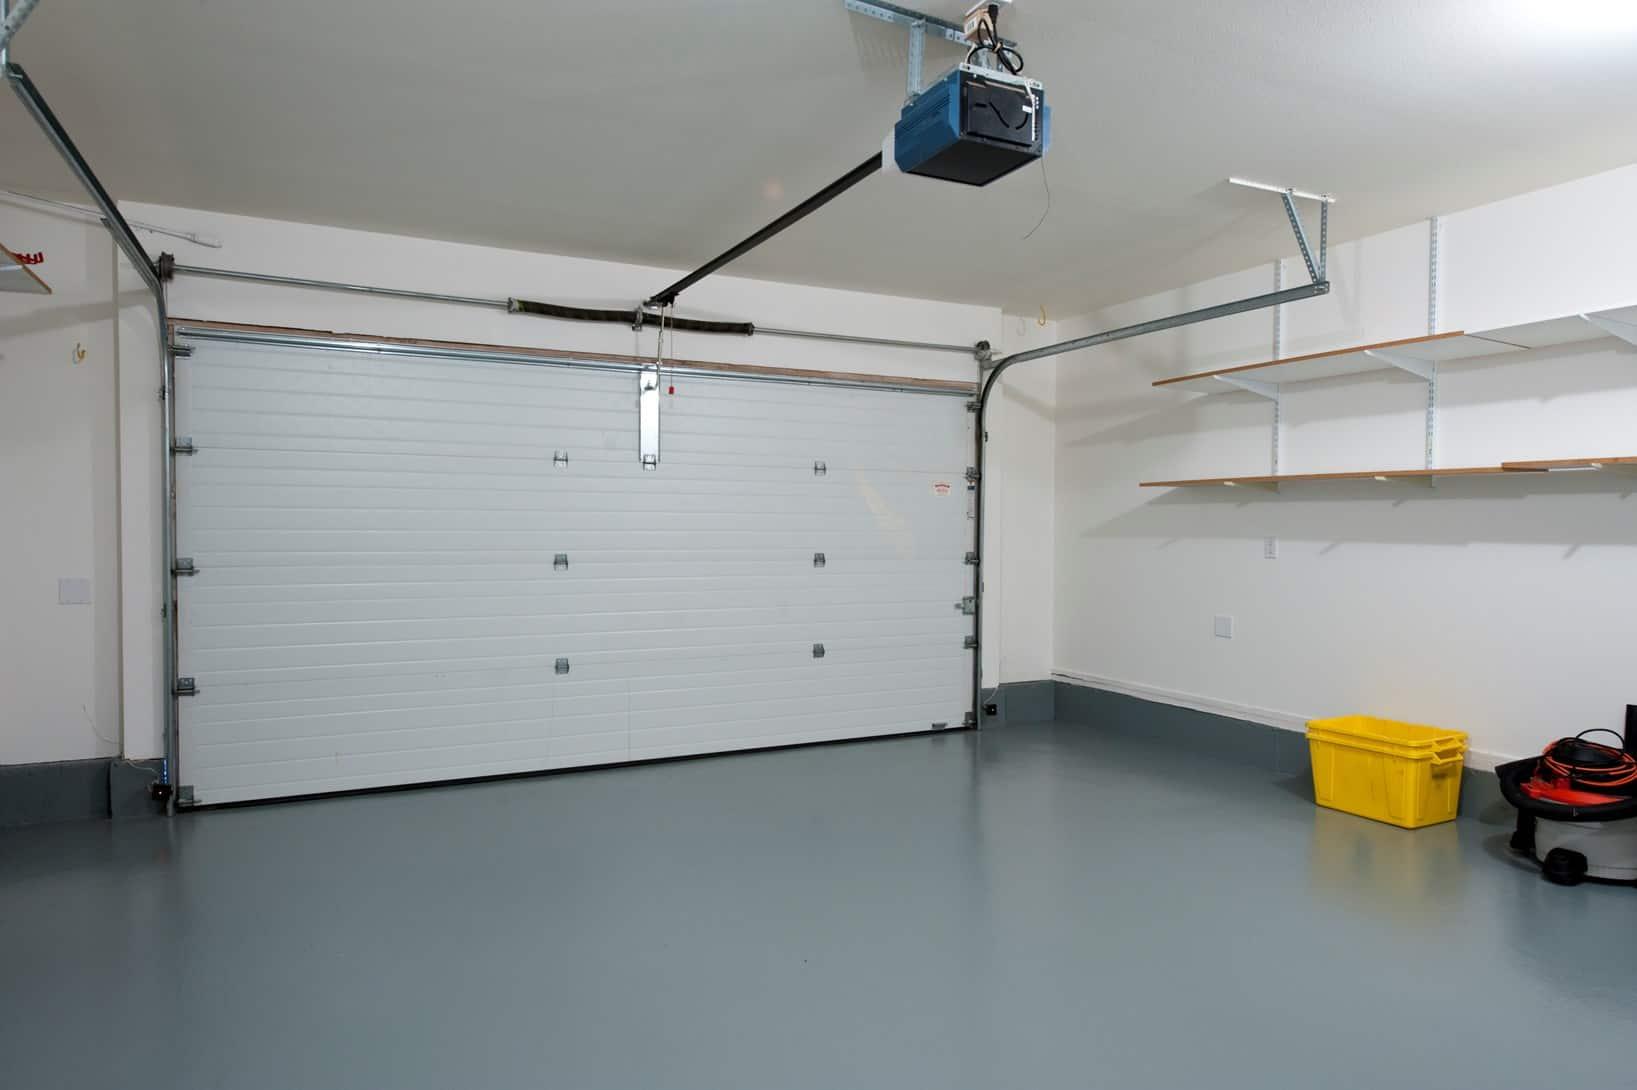 Whittier CA Gate & Garage Door Repair & Replacement